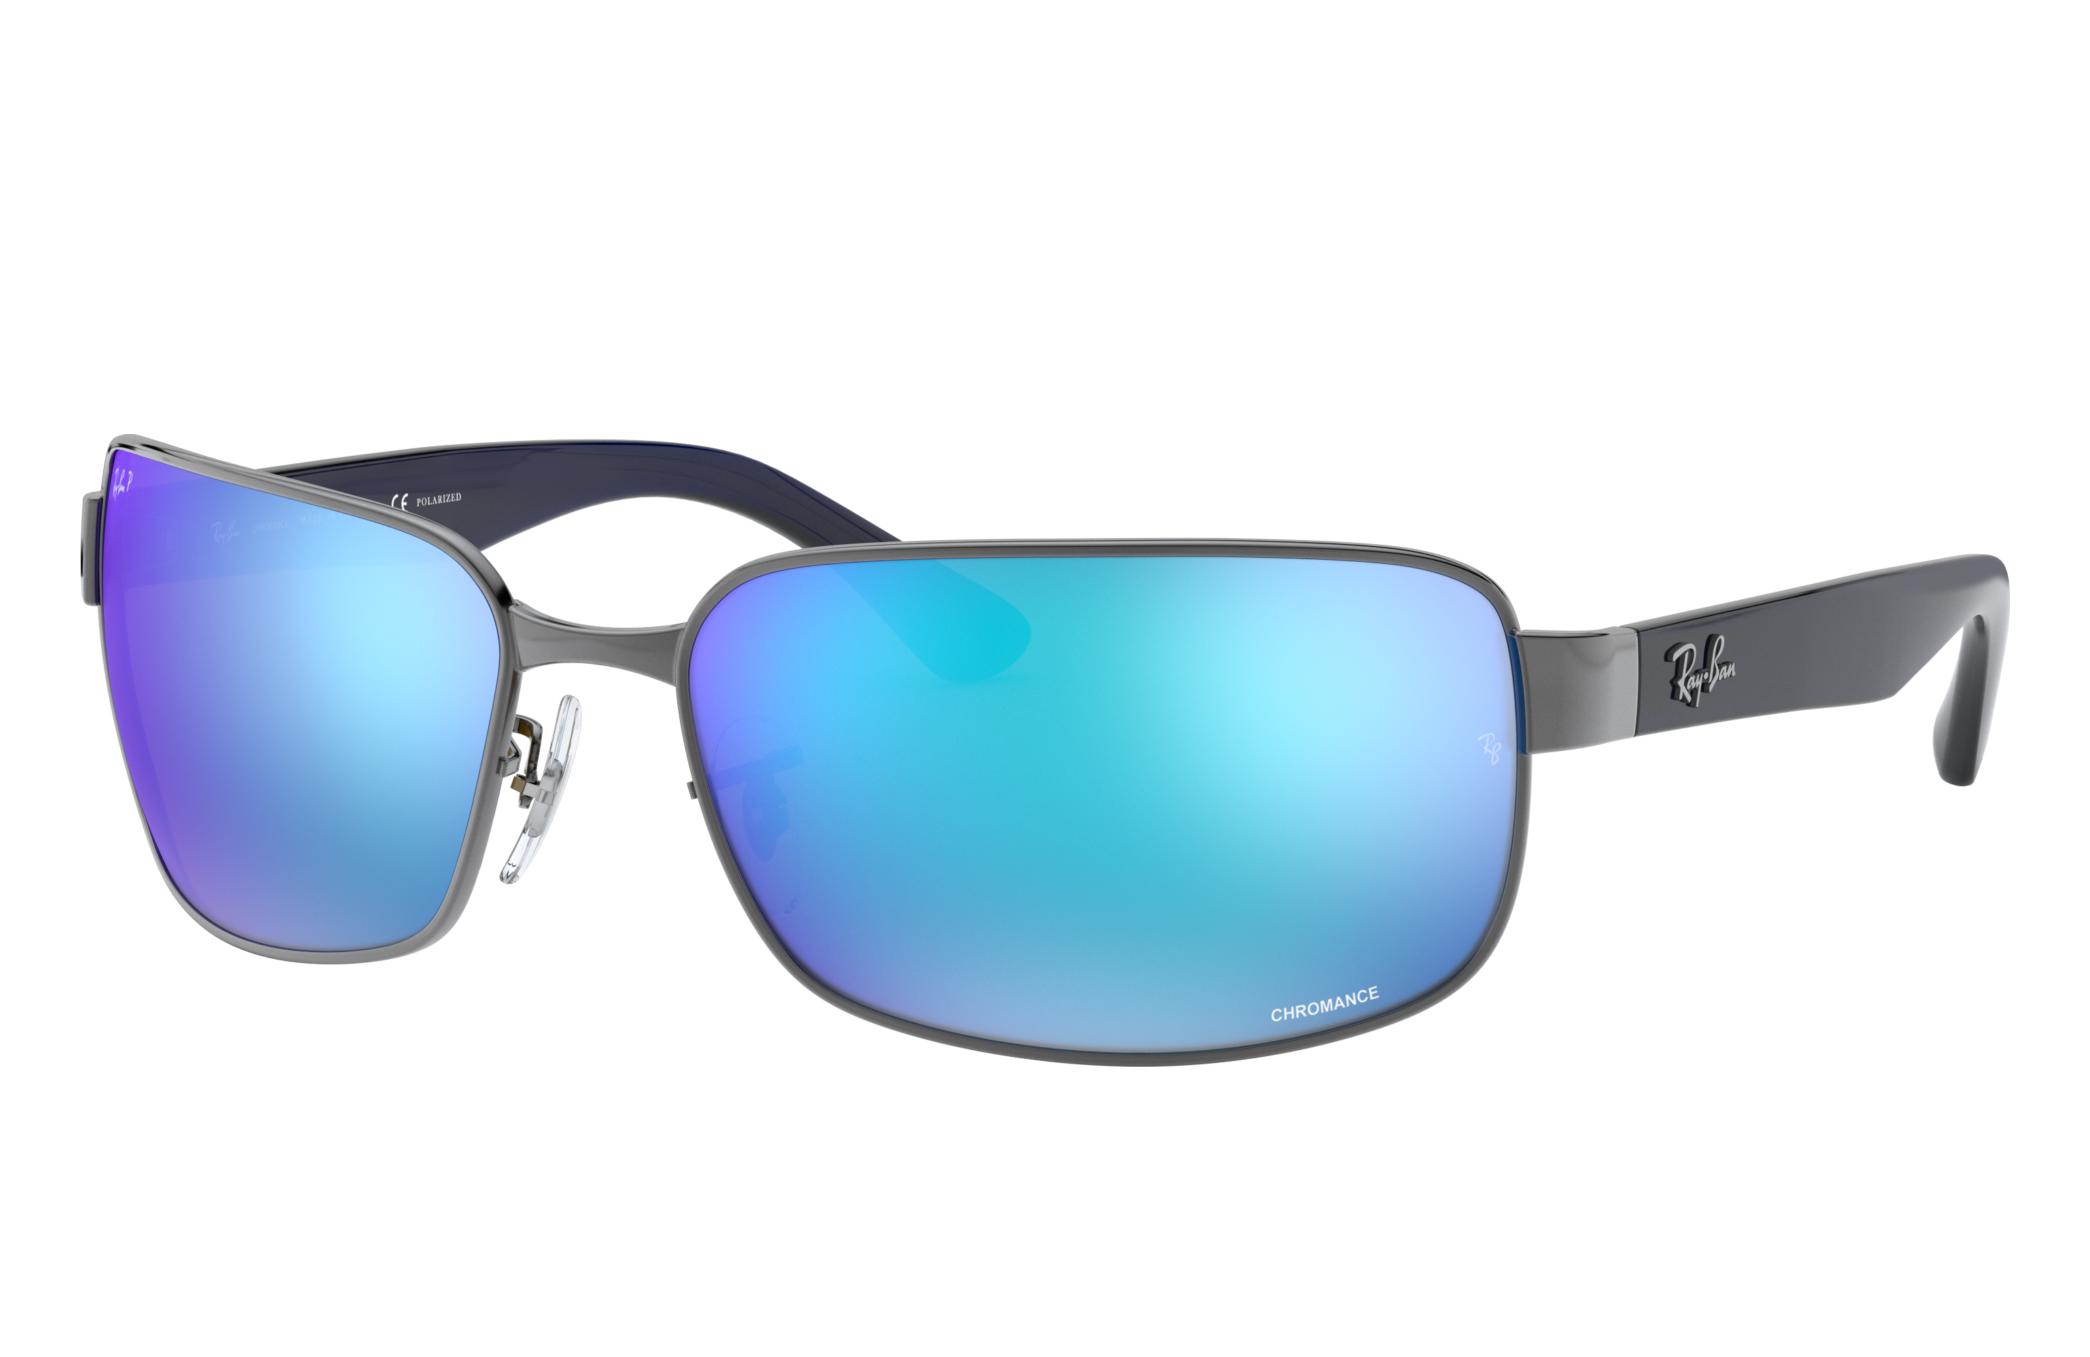 Ray-Ban Rb3566 Chromance Blue, Polarized Blue Lenses - RB3566CH